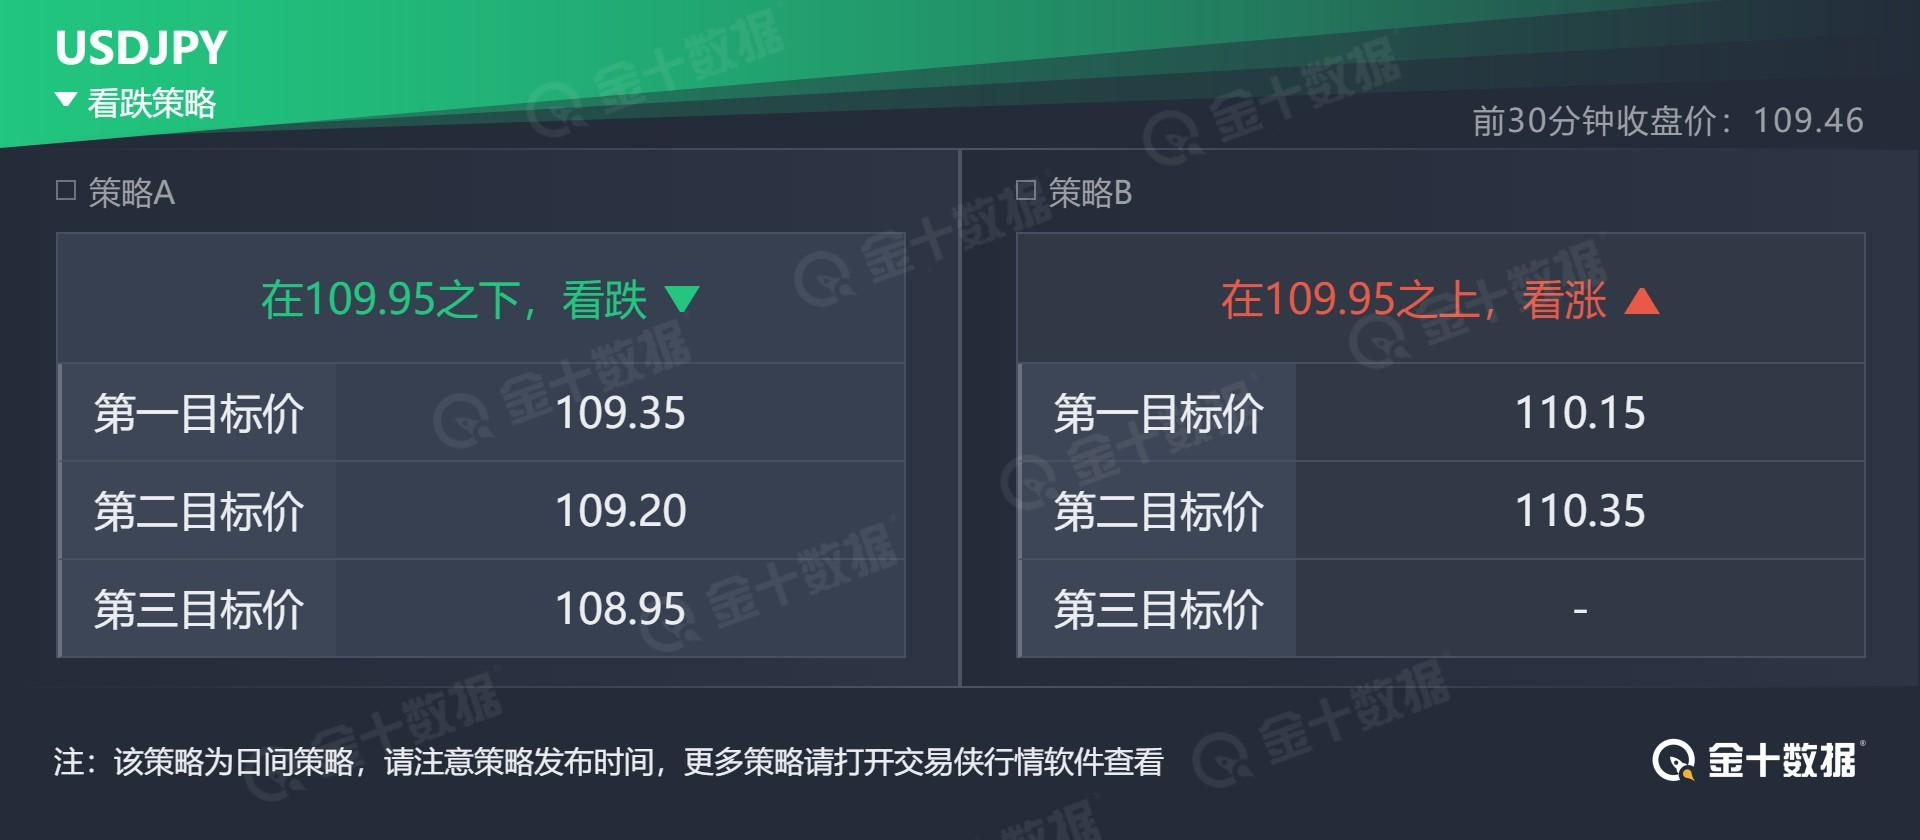 技术刘:现货黄金阻力上移,镑美紧盯三处密集支撑